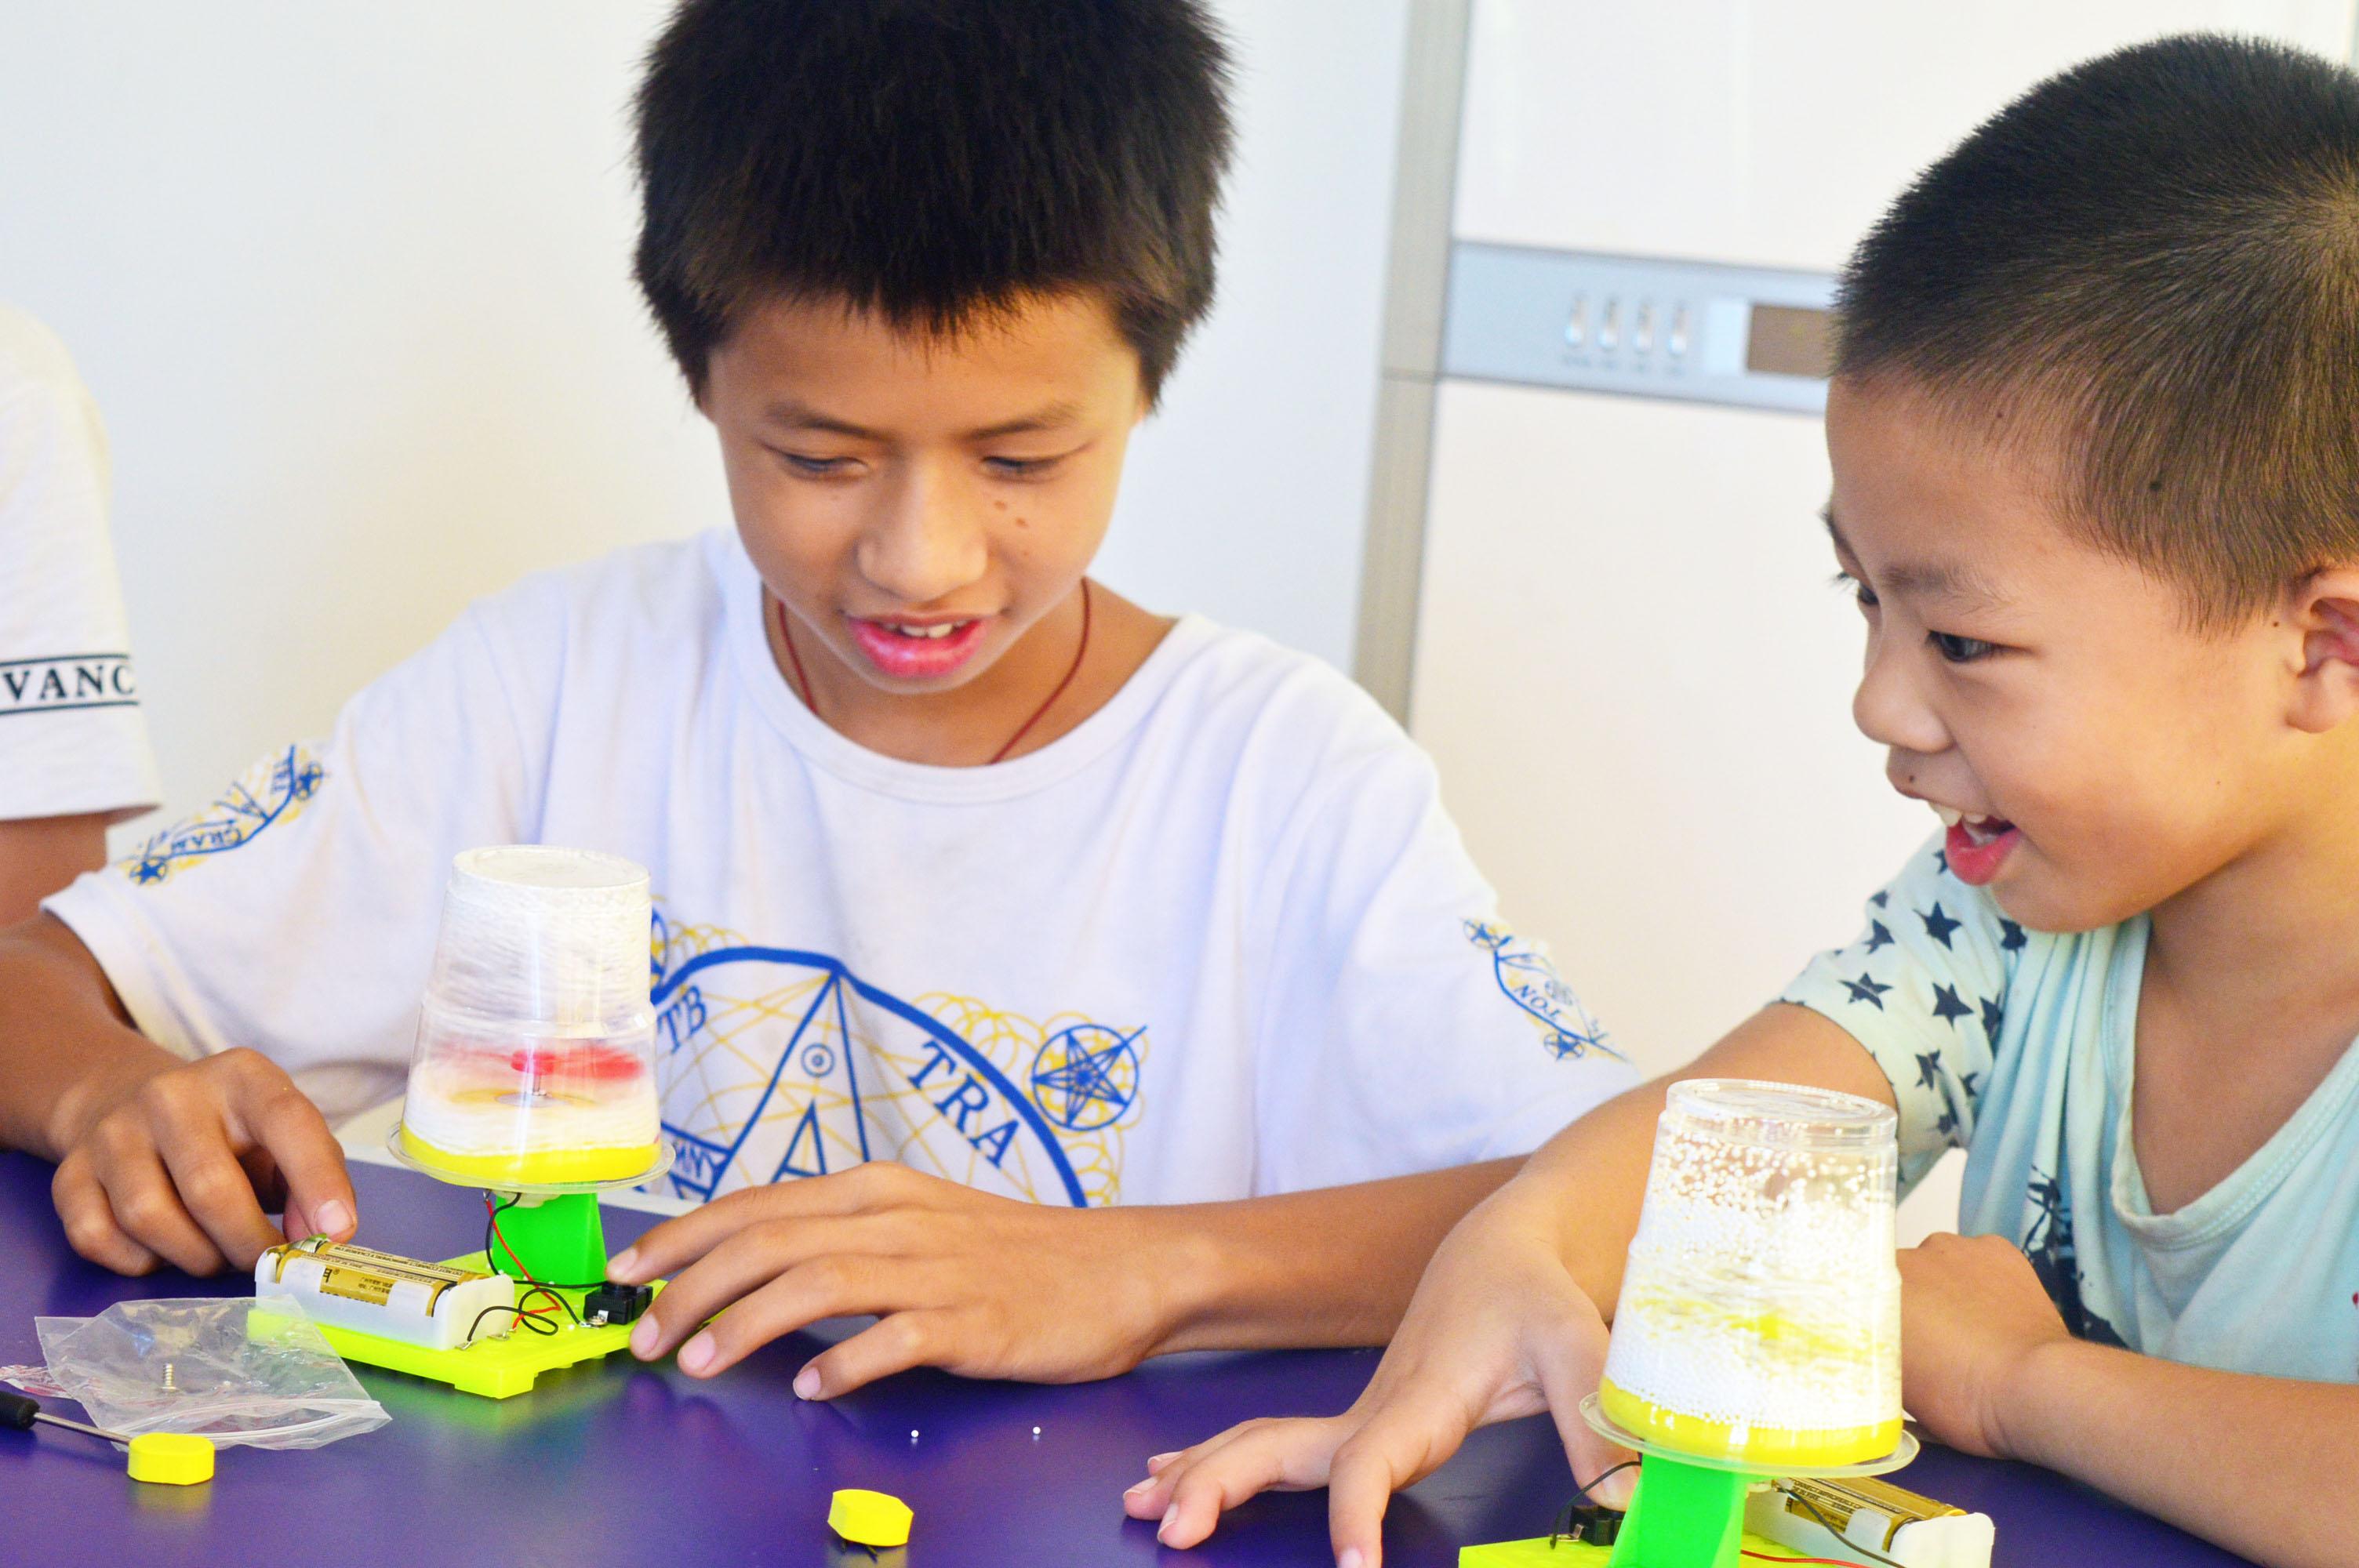 暑期8月,彩虹驻葵涌街道办事处的社工在溪涌社区开展以培养青少年手工实验探索科学知识为主的小组活动,旨在培养青少年的科学兴趣丰富其暑期生活。 小组共7小节吸引活动参与人次达73人,社工带领小组以鸡蛋保卫战、太阳能小汽车、水果发电池、电动飞雪、动力飞车小实验体验科学的乐趣与原理。小组活动中社工设立多个互动游戏,让小组成员在玩游戏过程增加彼此的认识。其中小威小朋友表示很喜欢此次的小组活动,虽然他在鸡蛋保卫战中没能成功保护鸡蛋,但他最喜欢的是这个实验,并希望以后能多开展此类活动。